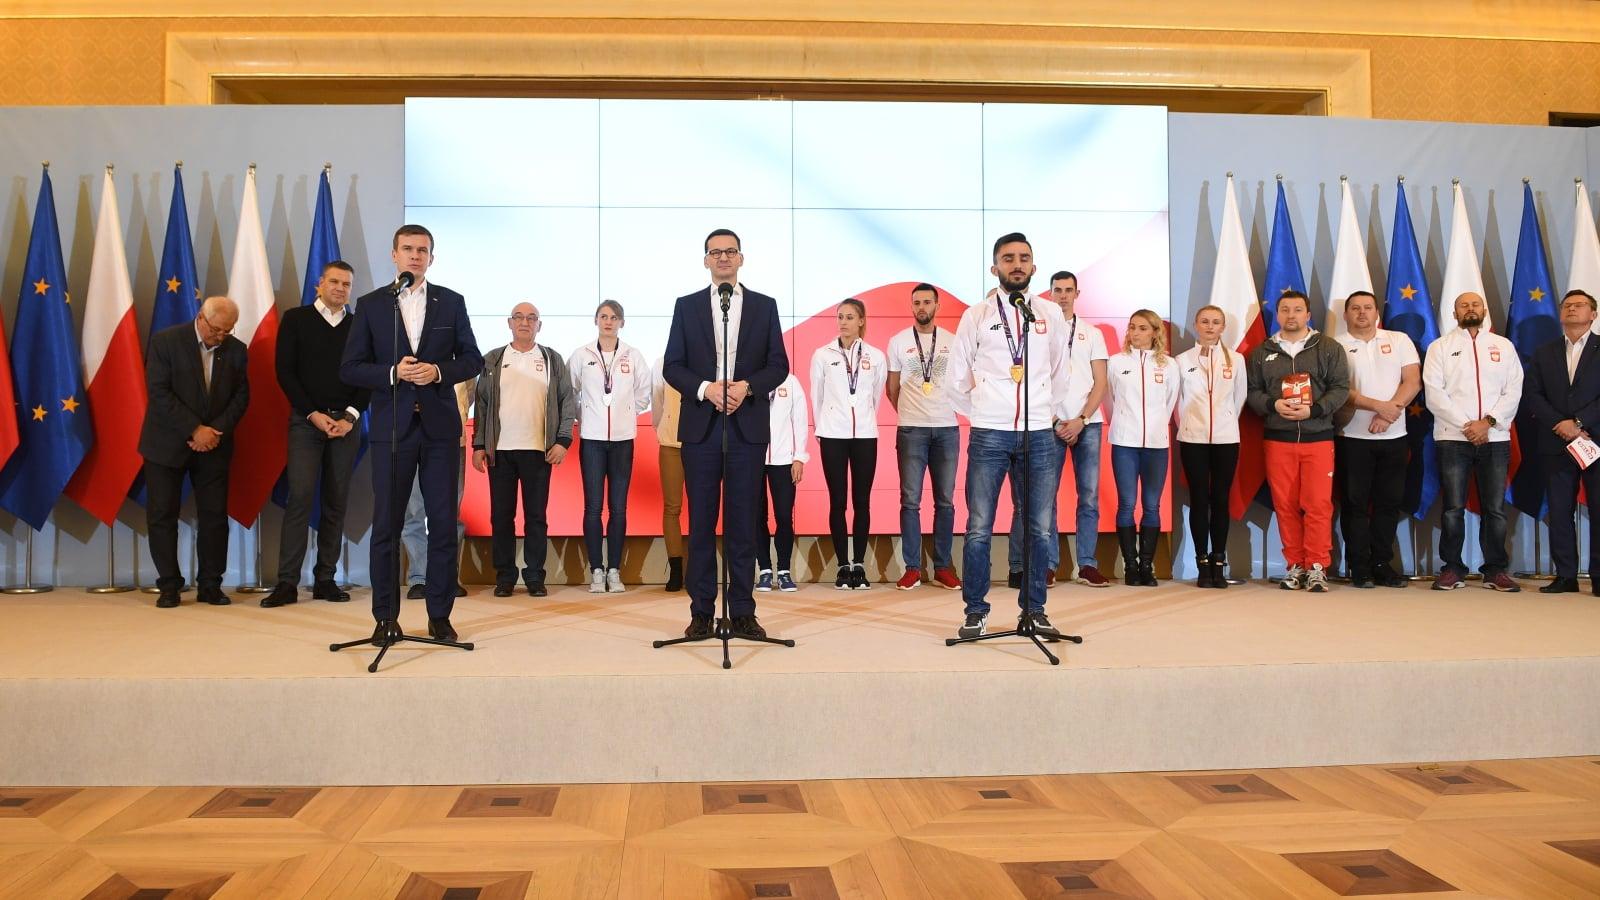 Premier Mateusz Morawiecki podczas powitania w KPRM w Warszawie, polskich sportowców biorących udział w halowych mistrzostwach świata w lekkiej atletyce w Birmingham